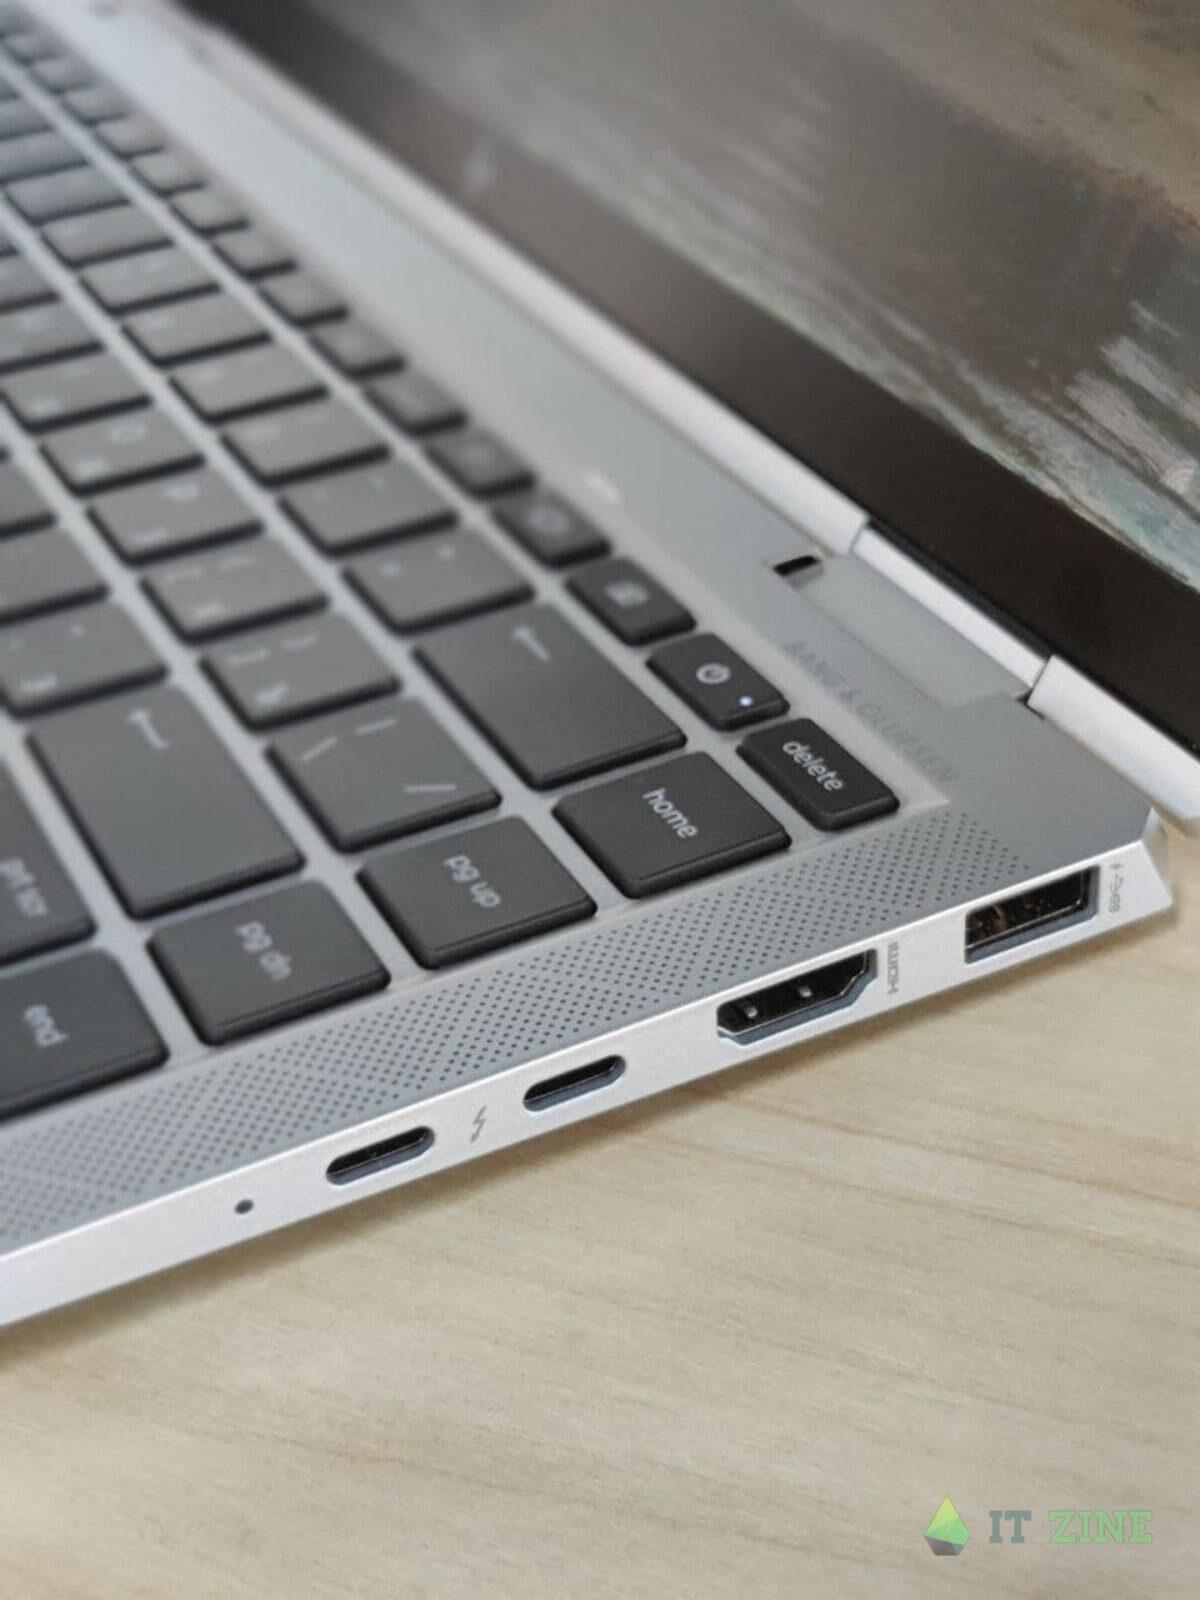 Обзор ноутбука HP EliteBook x360 1040 G7: трансформер для работы и развлечений (hp elitebook 1040 g7 07)